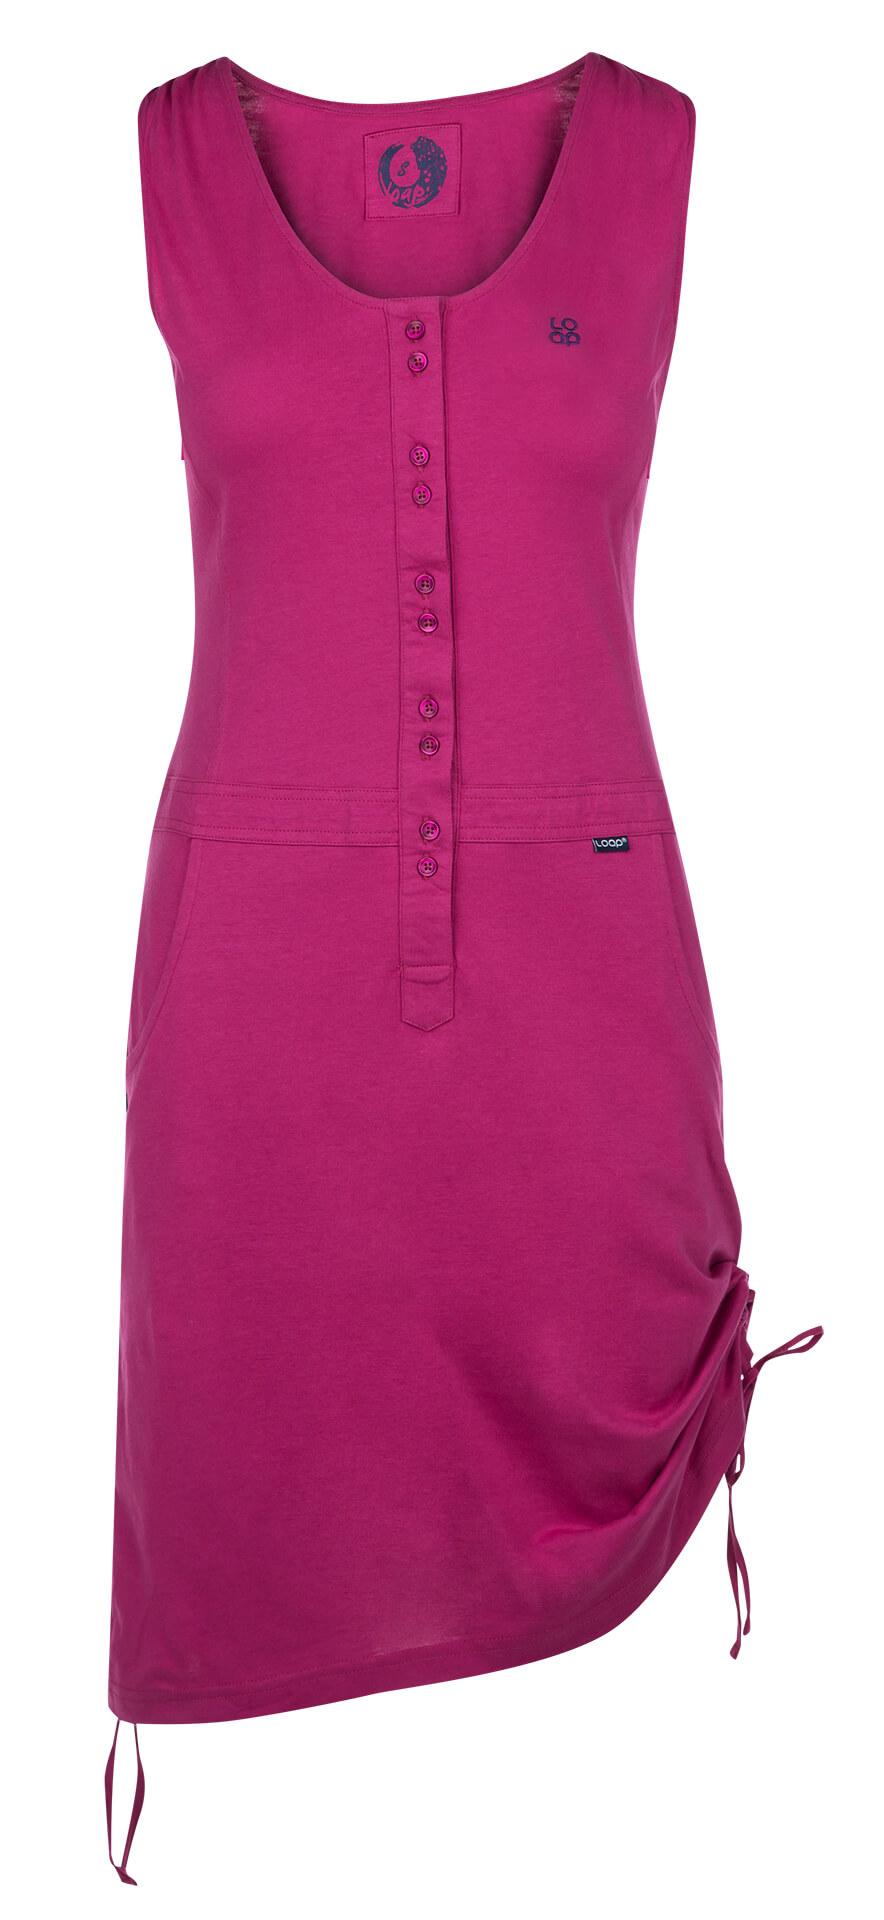 LOAP Dámské šaty Nela Fest Fuchsia CLW1890-J02J  b36f9204b1